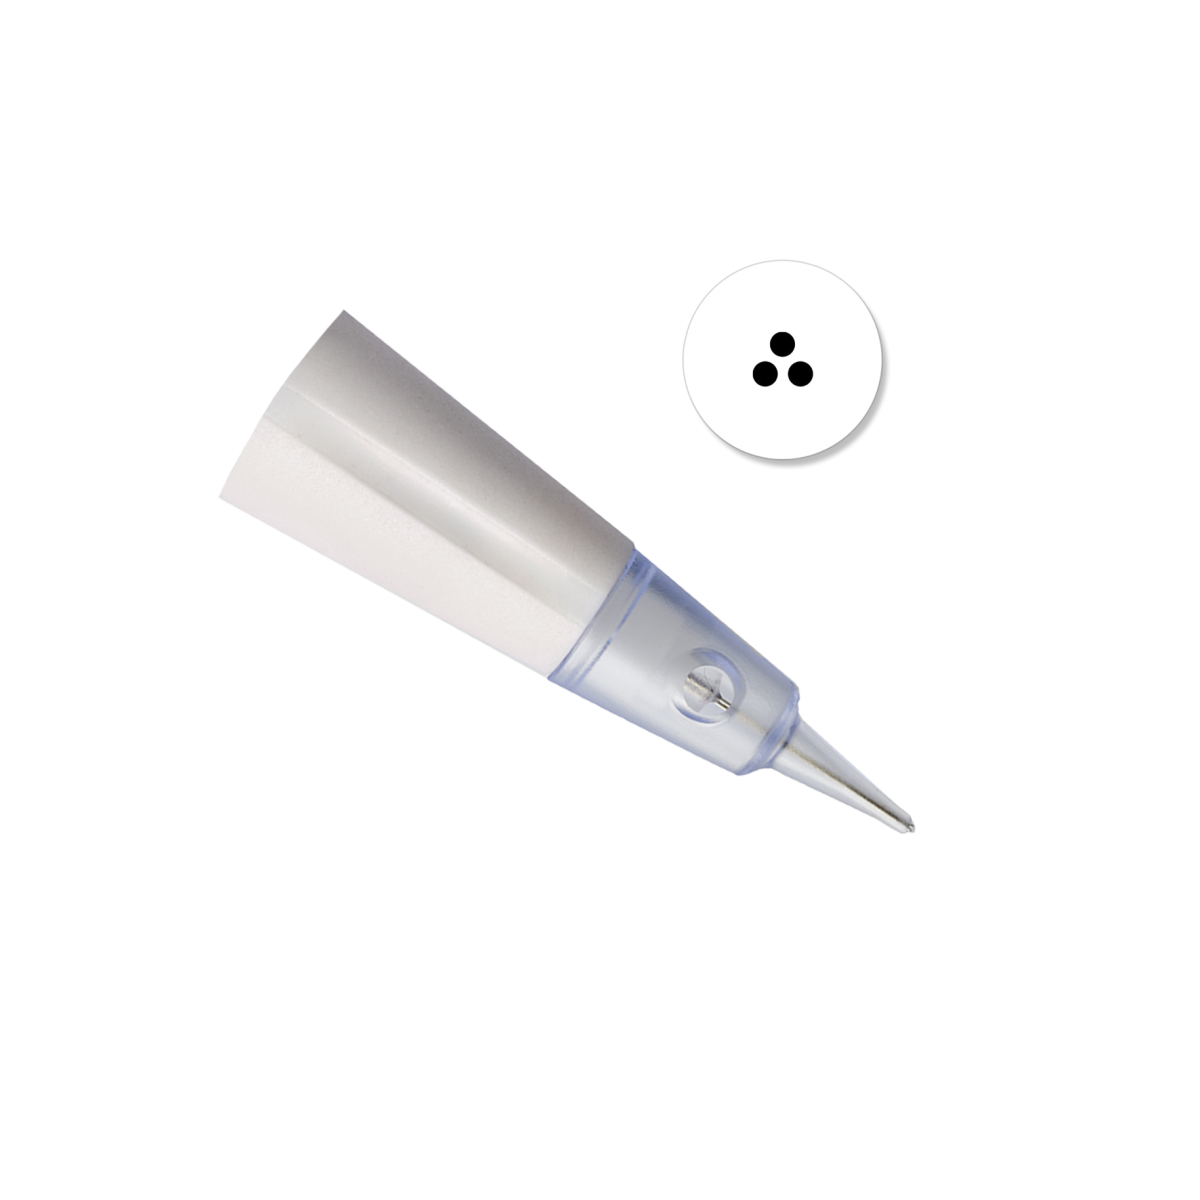 Stylo Genius - Amiea - 3 OUTLINE (0,25 mm) GENIUS